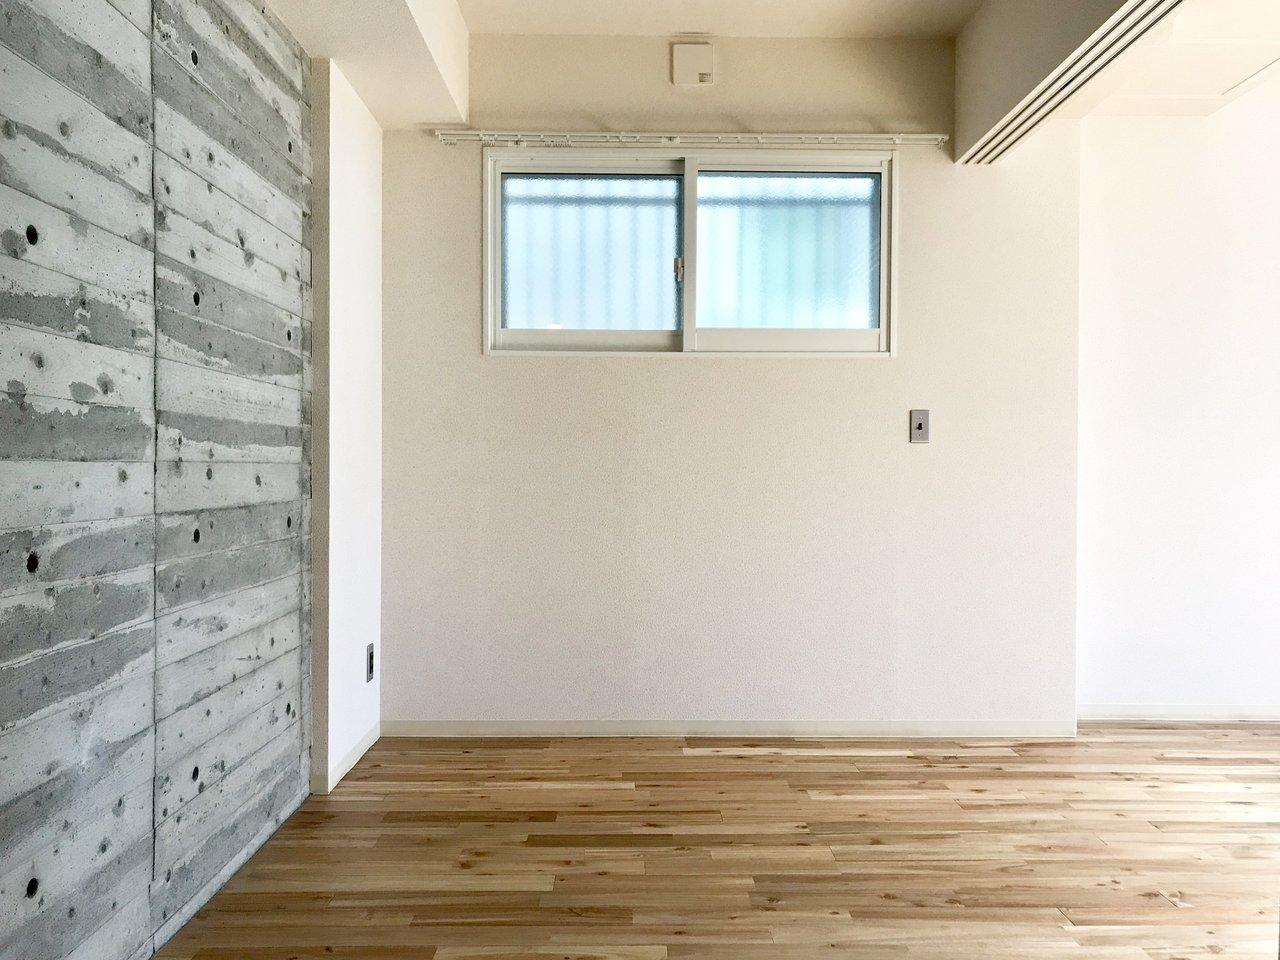 隣の洋室の壁紙もコンクリート&木目風のおしゃれなものを採用。部屋全体に統一感があ っていいですね。天井も少し高めです。窓も高い位置にあるので、窓際にインテリアを配置するのも可能ですね。